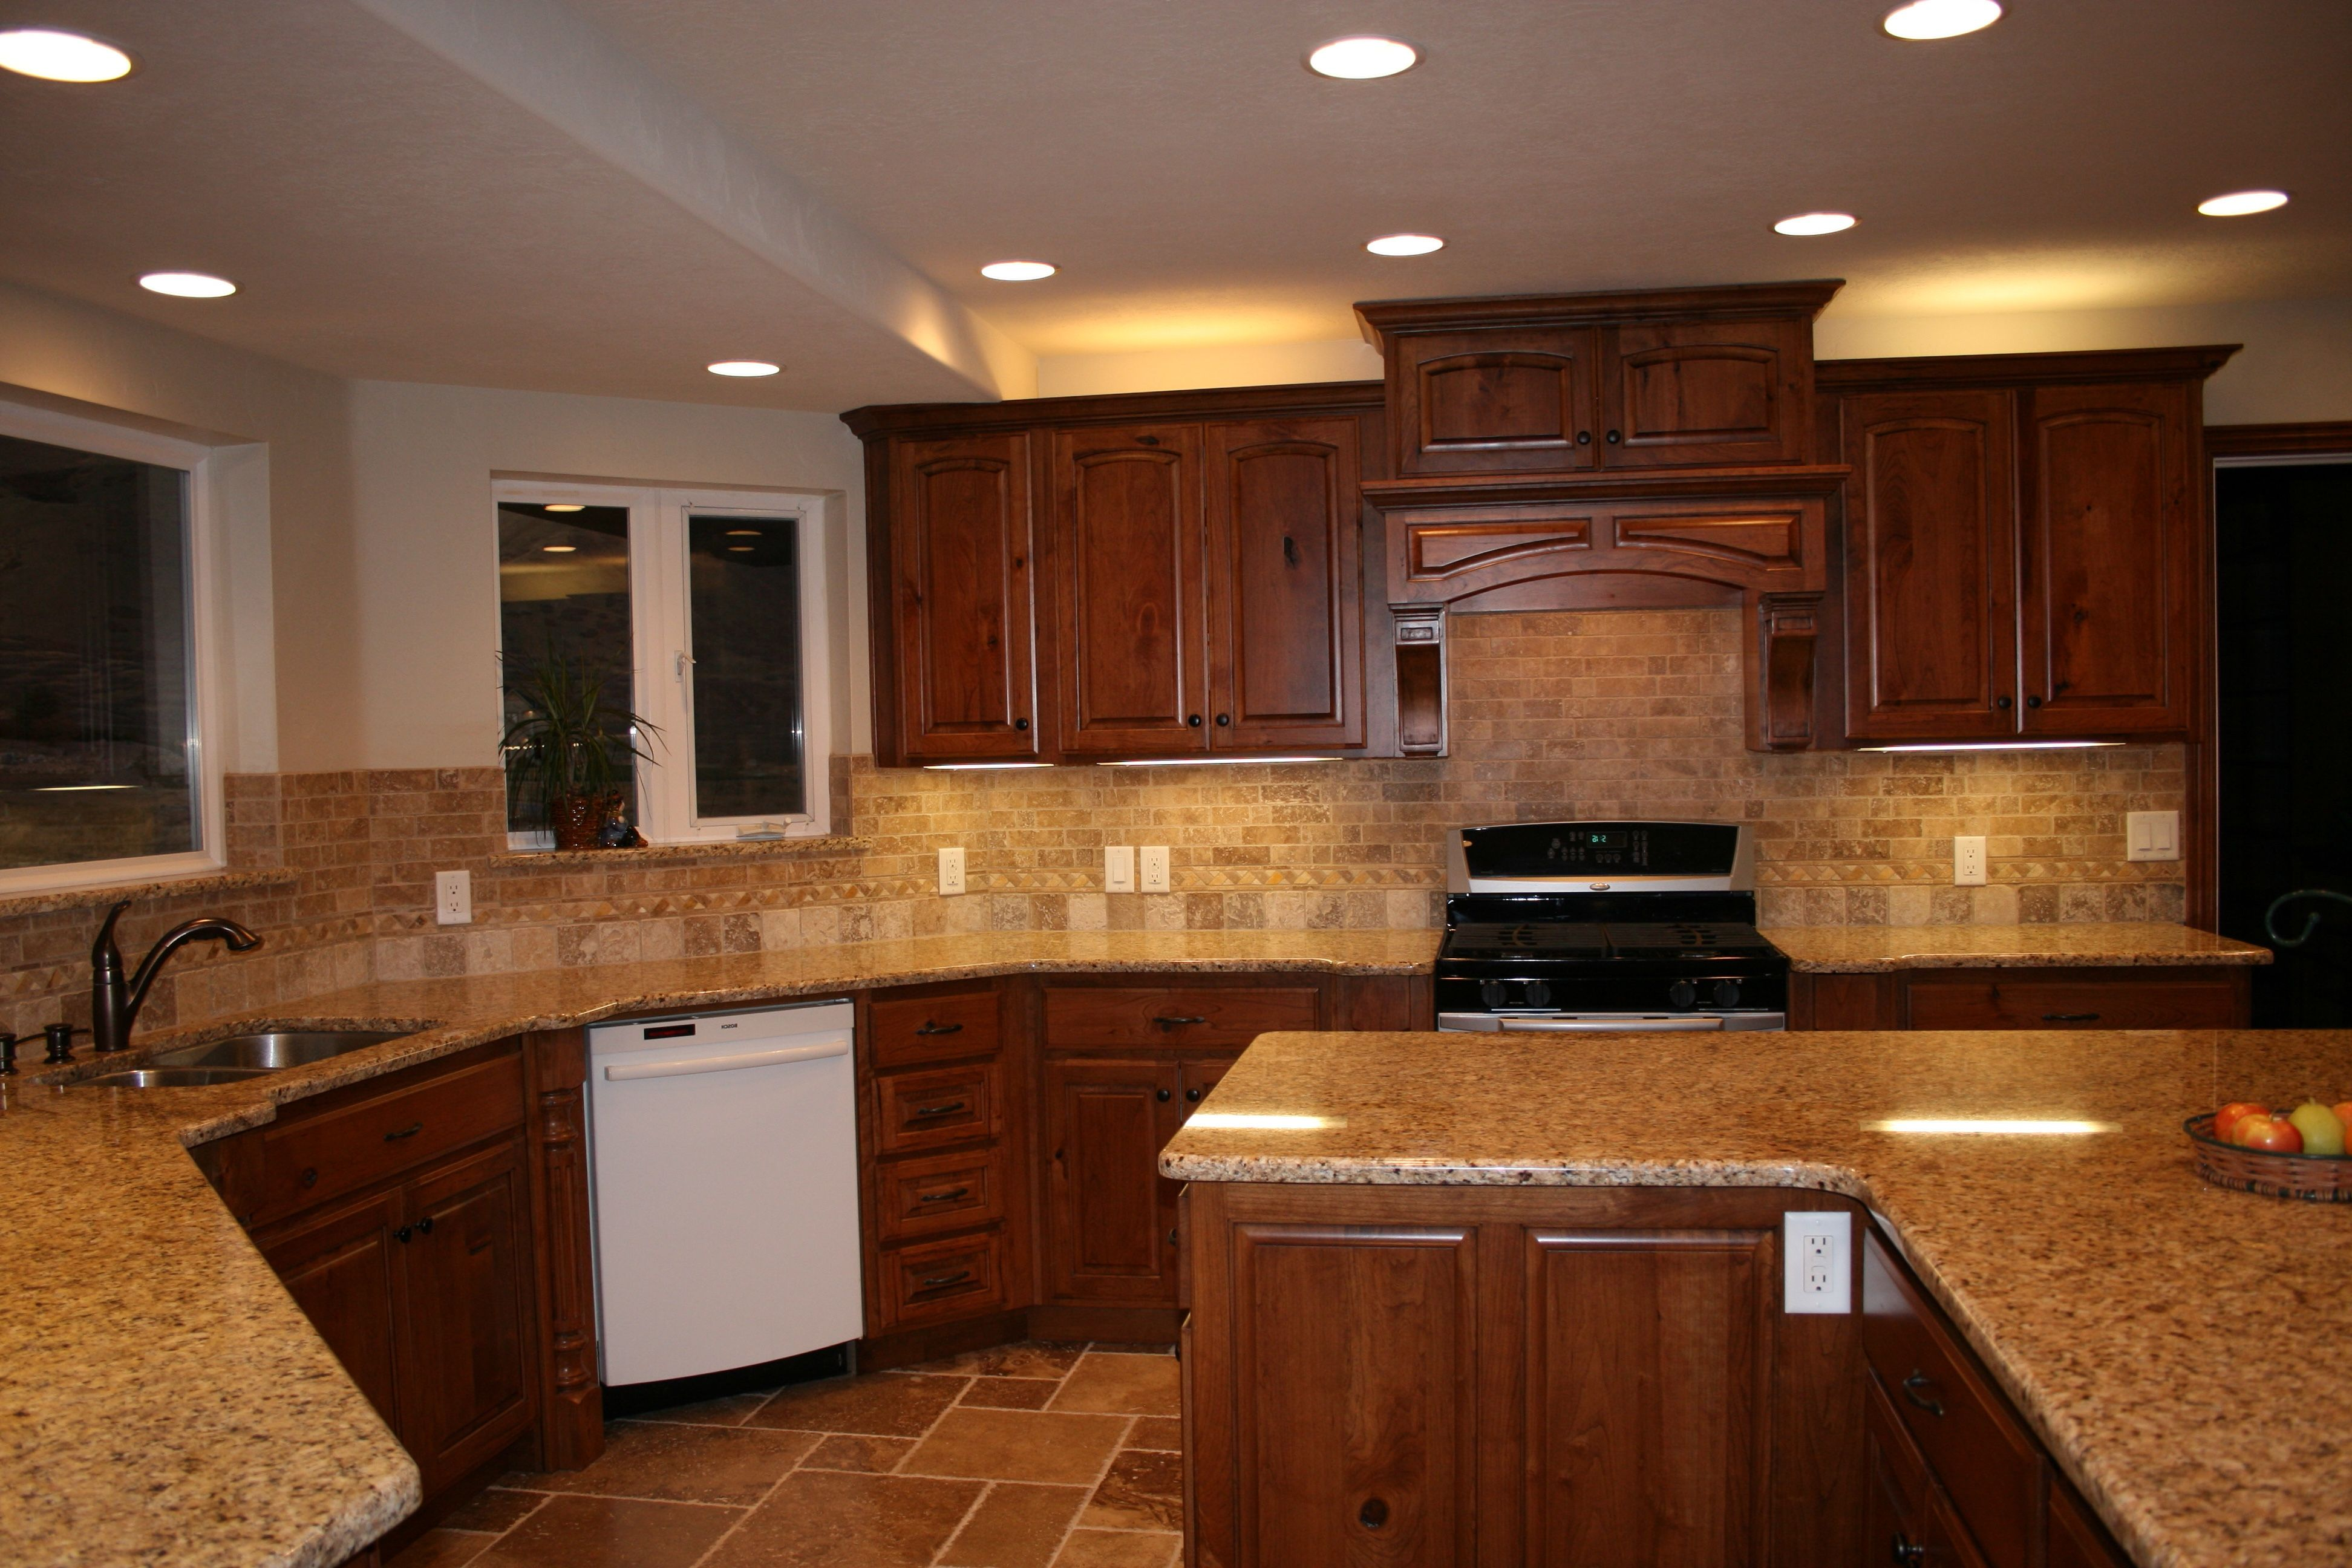 Kirsche Kuche Kabinette Mit Granit Arbeitsplatten Braun Vintage Leder Sitzgelegenhe Cherry Cabinets Kitchen Glass Kitchen Cabinet Doors Kitchen Island Cabinets